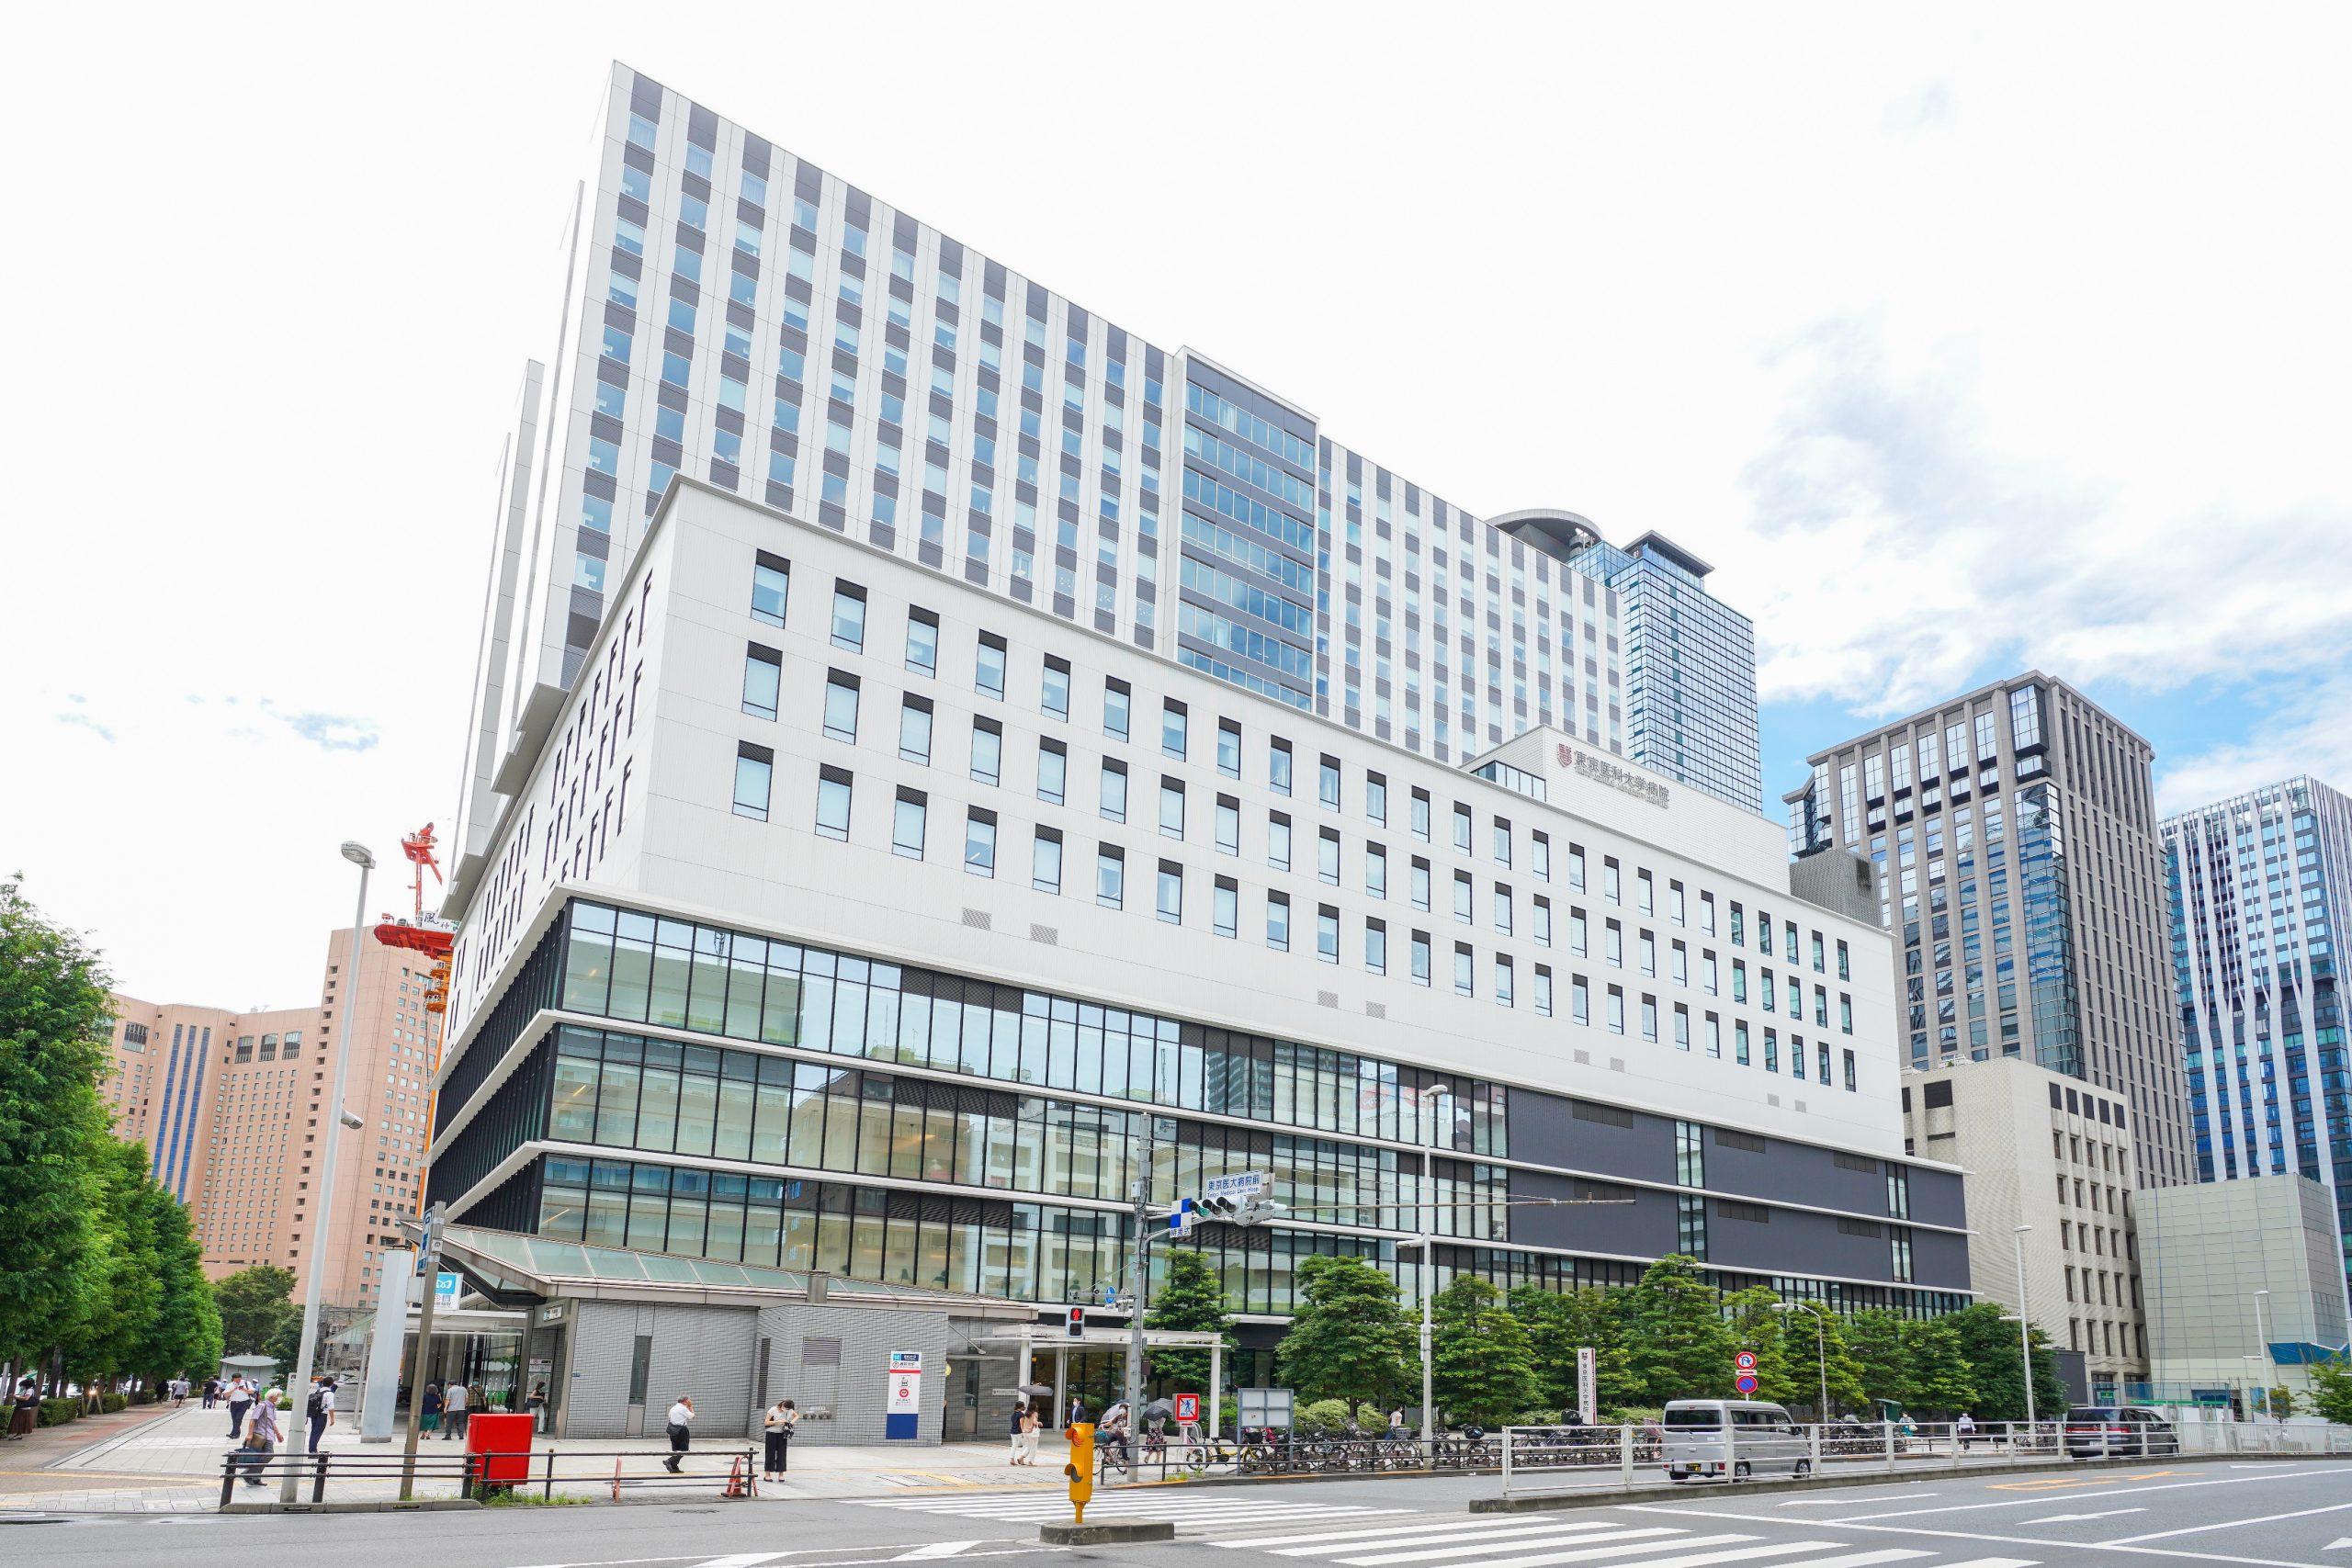 学校法人東京医科大学<br>東京医科大学病院